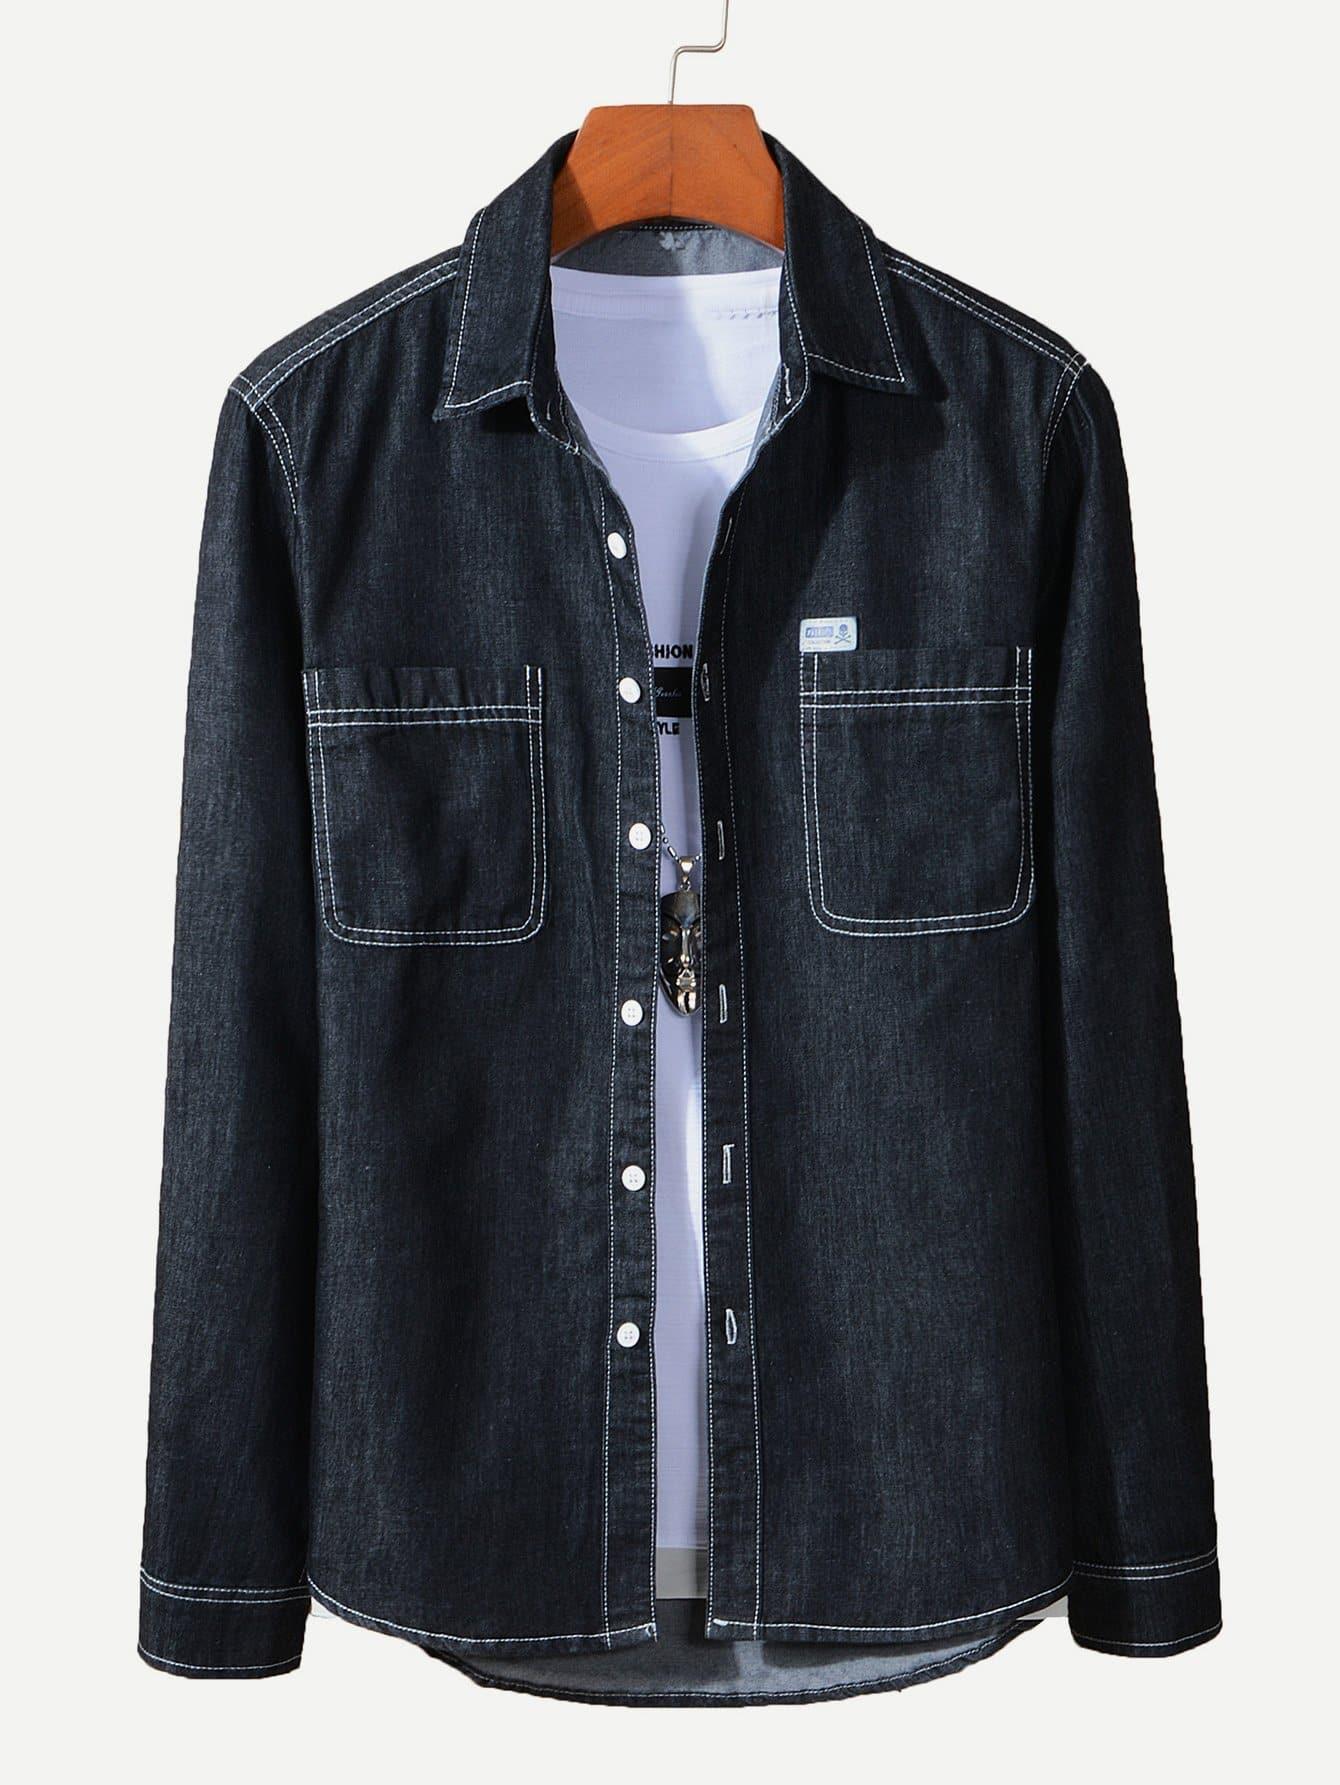 Симметрическая джинсовая рубашка и рольный подол для мужчины